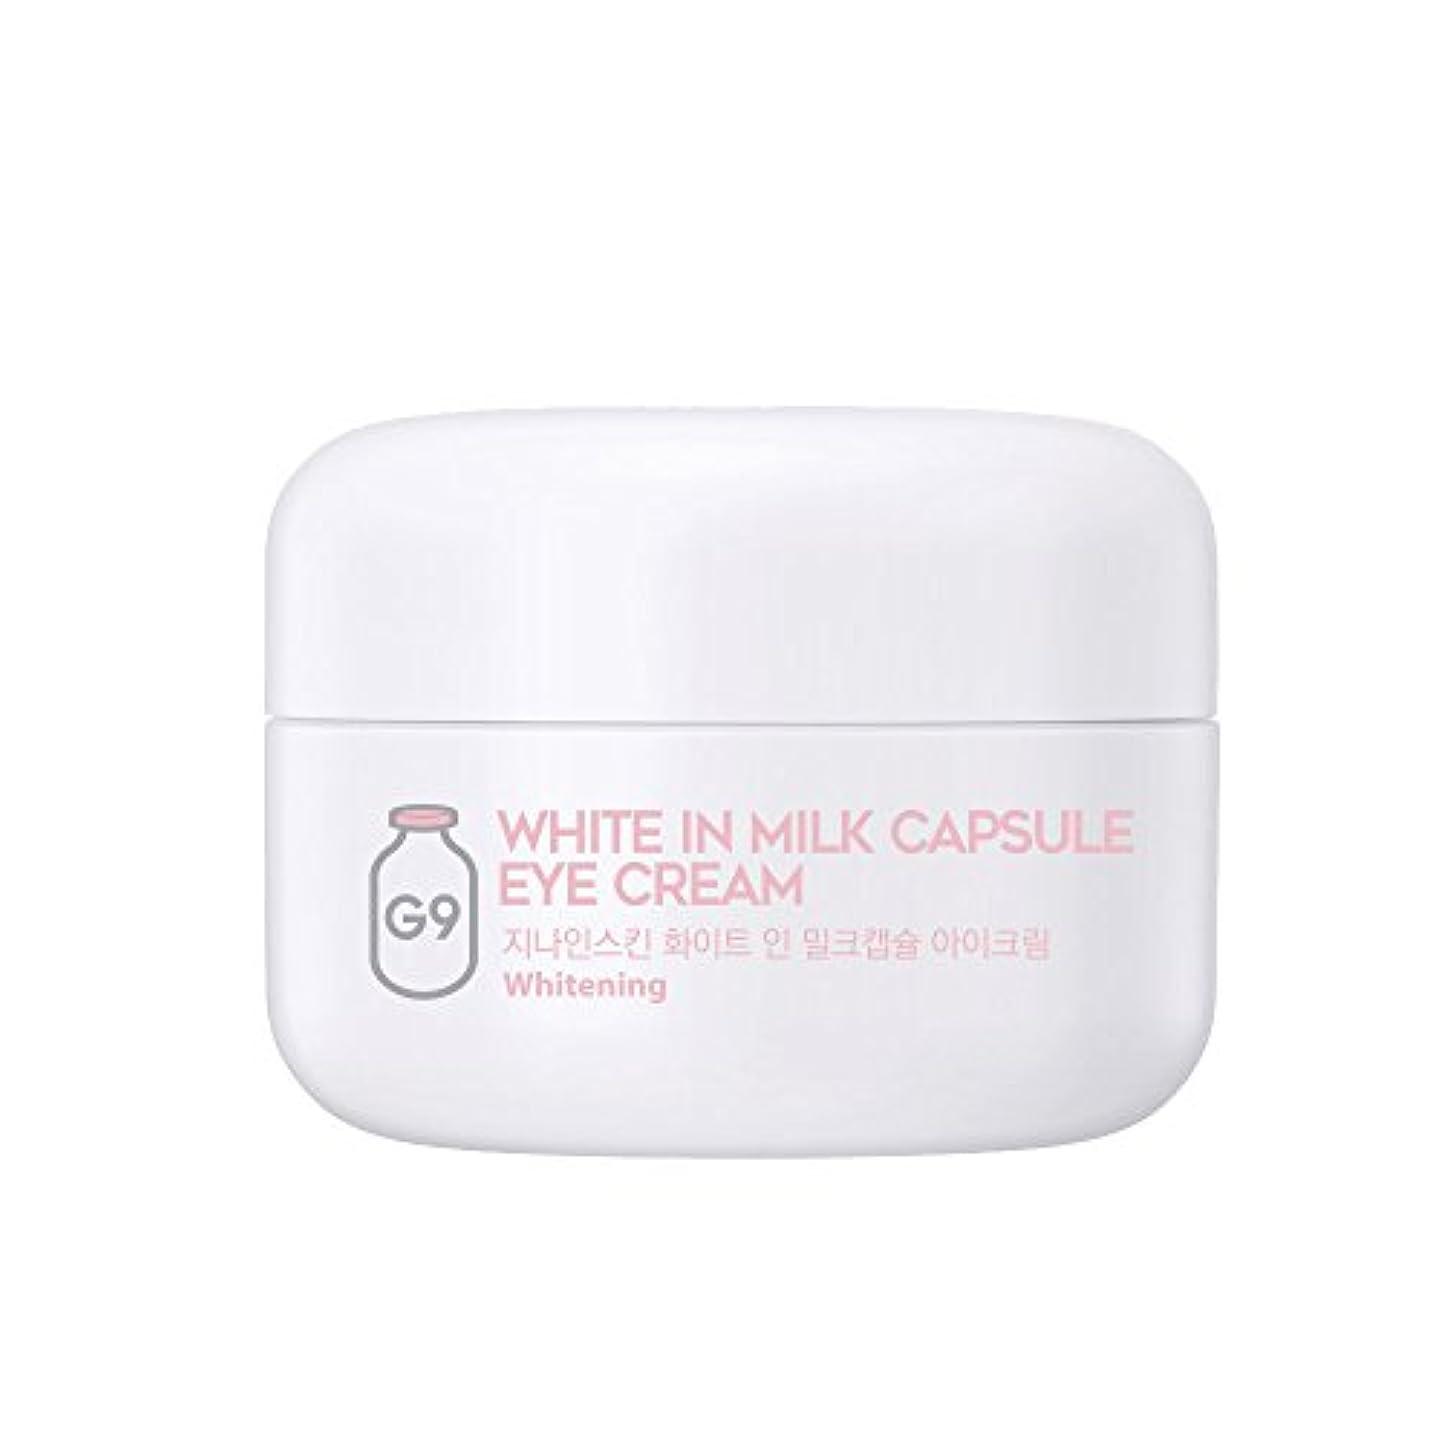 視聴者望ましい寄託G9SKIN(ベリサム) White In Milk Capsule Eye Cream ホワイトインミルクカプセルアイクリーム 30g